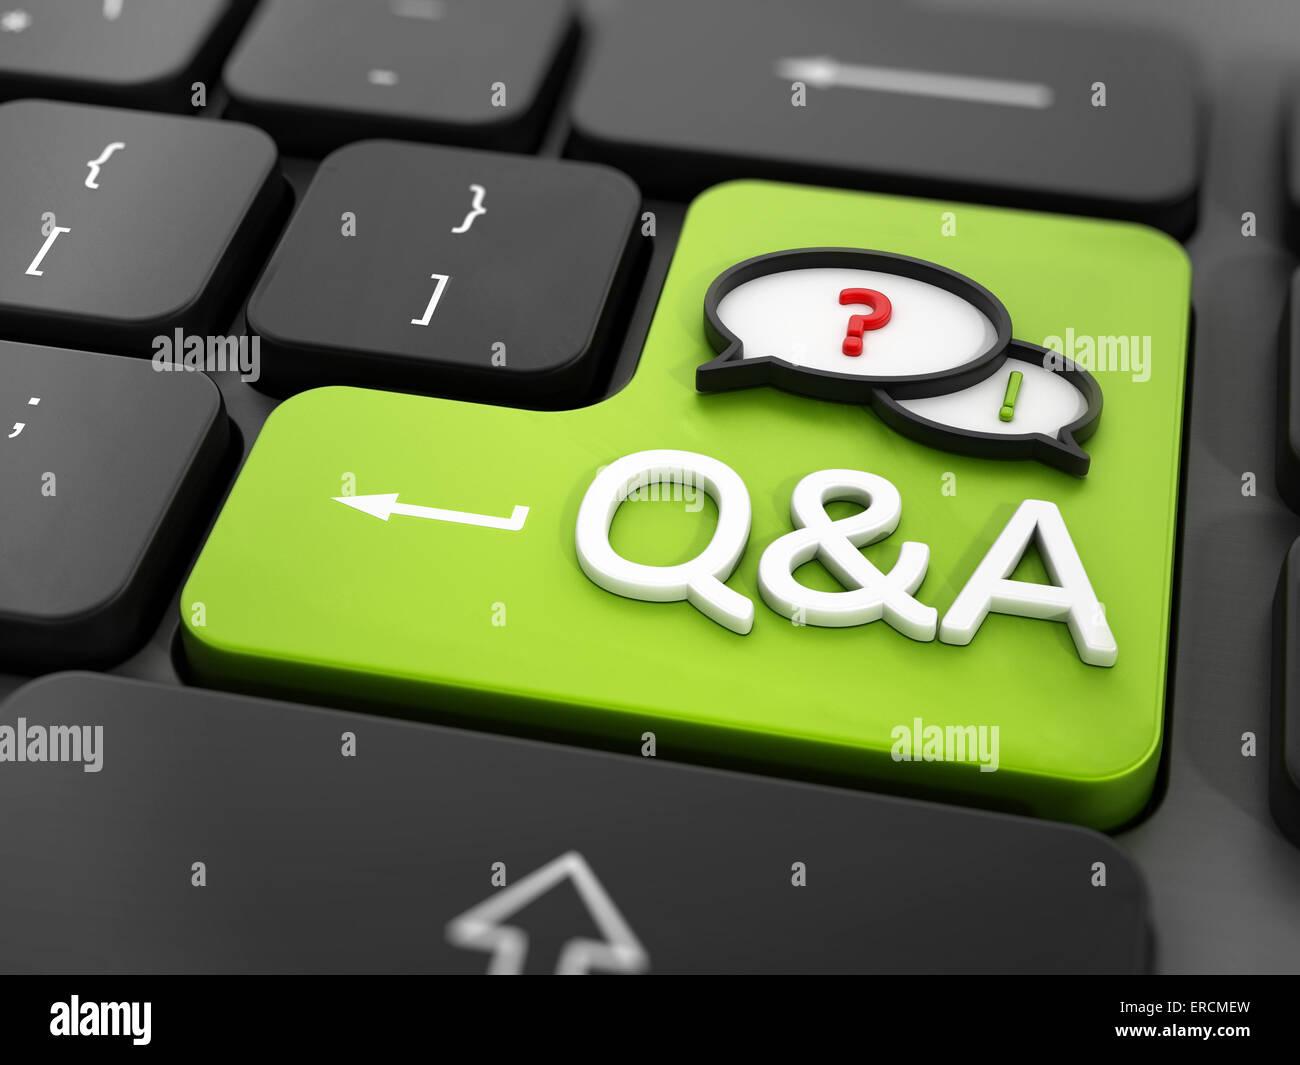 Domande e risposte sulla tastiera Immagini Stock